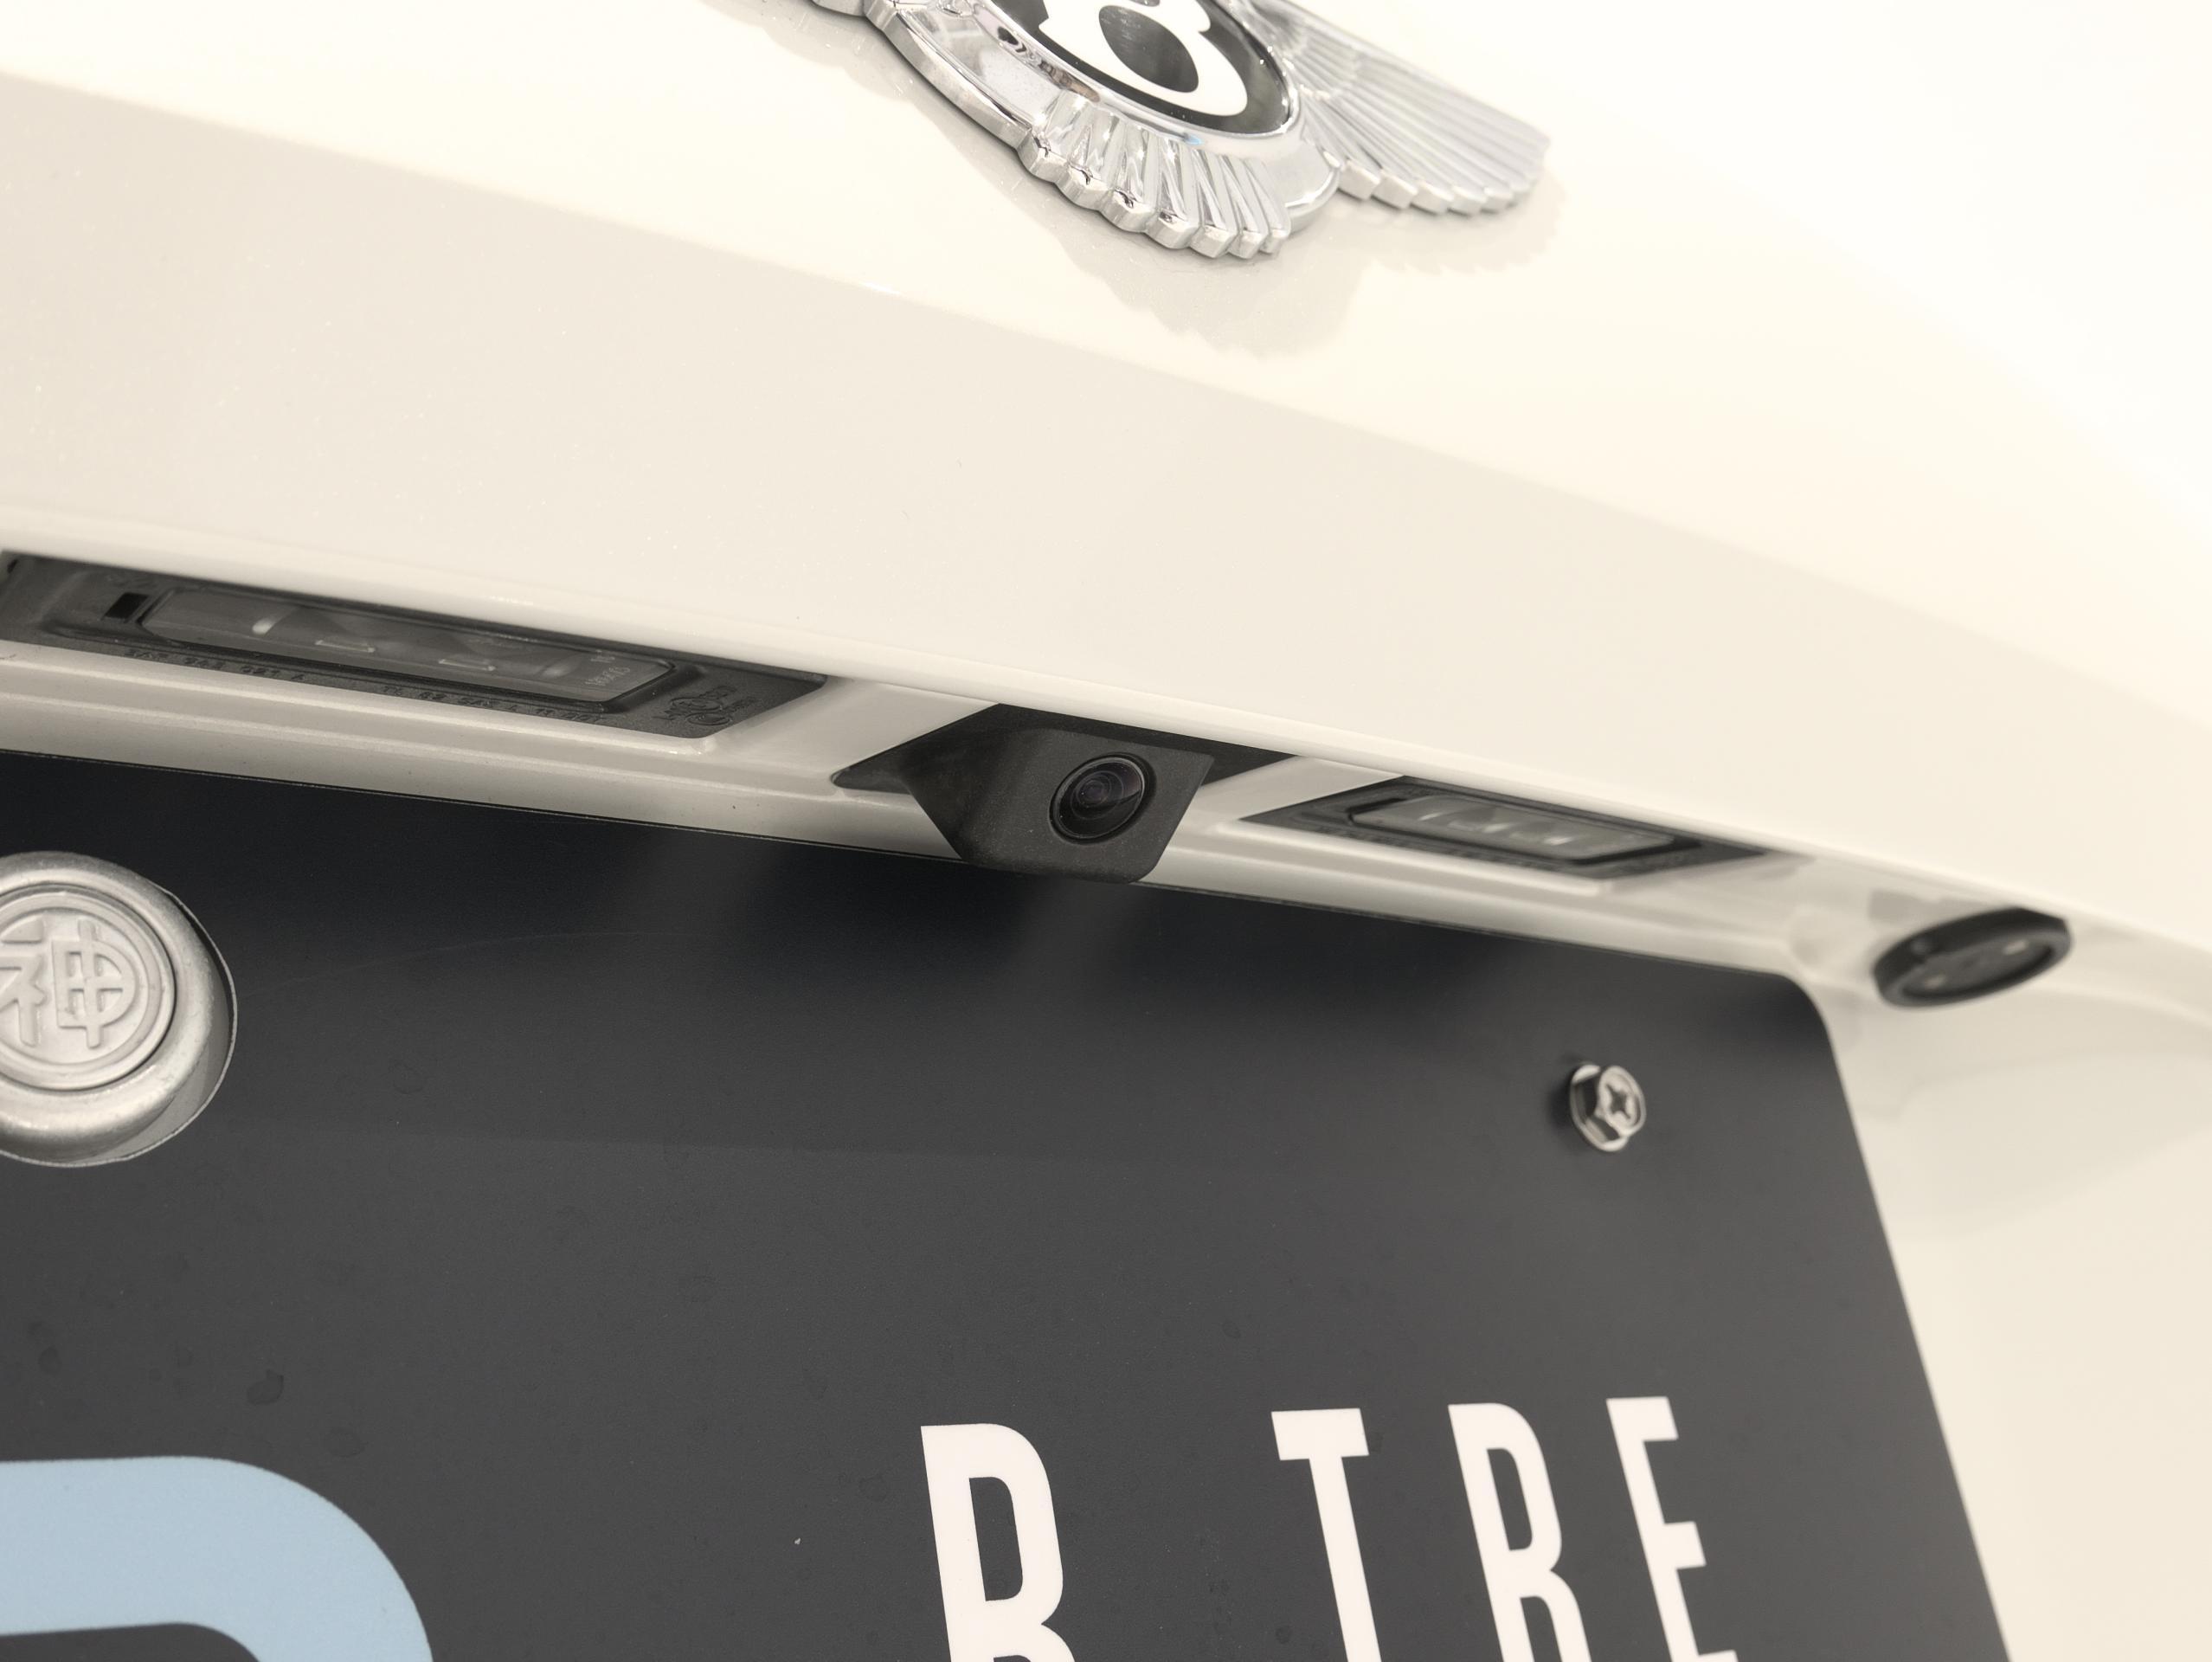 ベントレー フライングスパー W12 リアビューカメラ